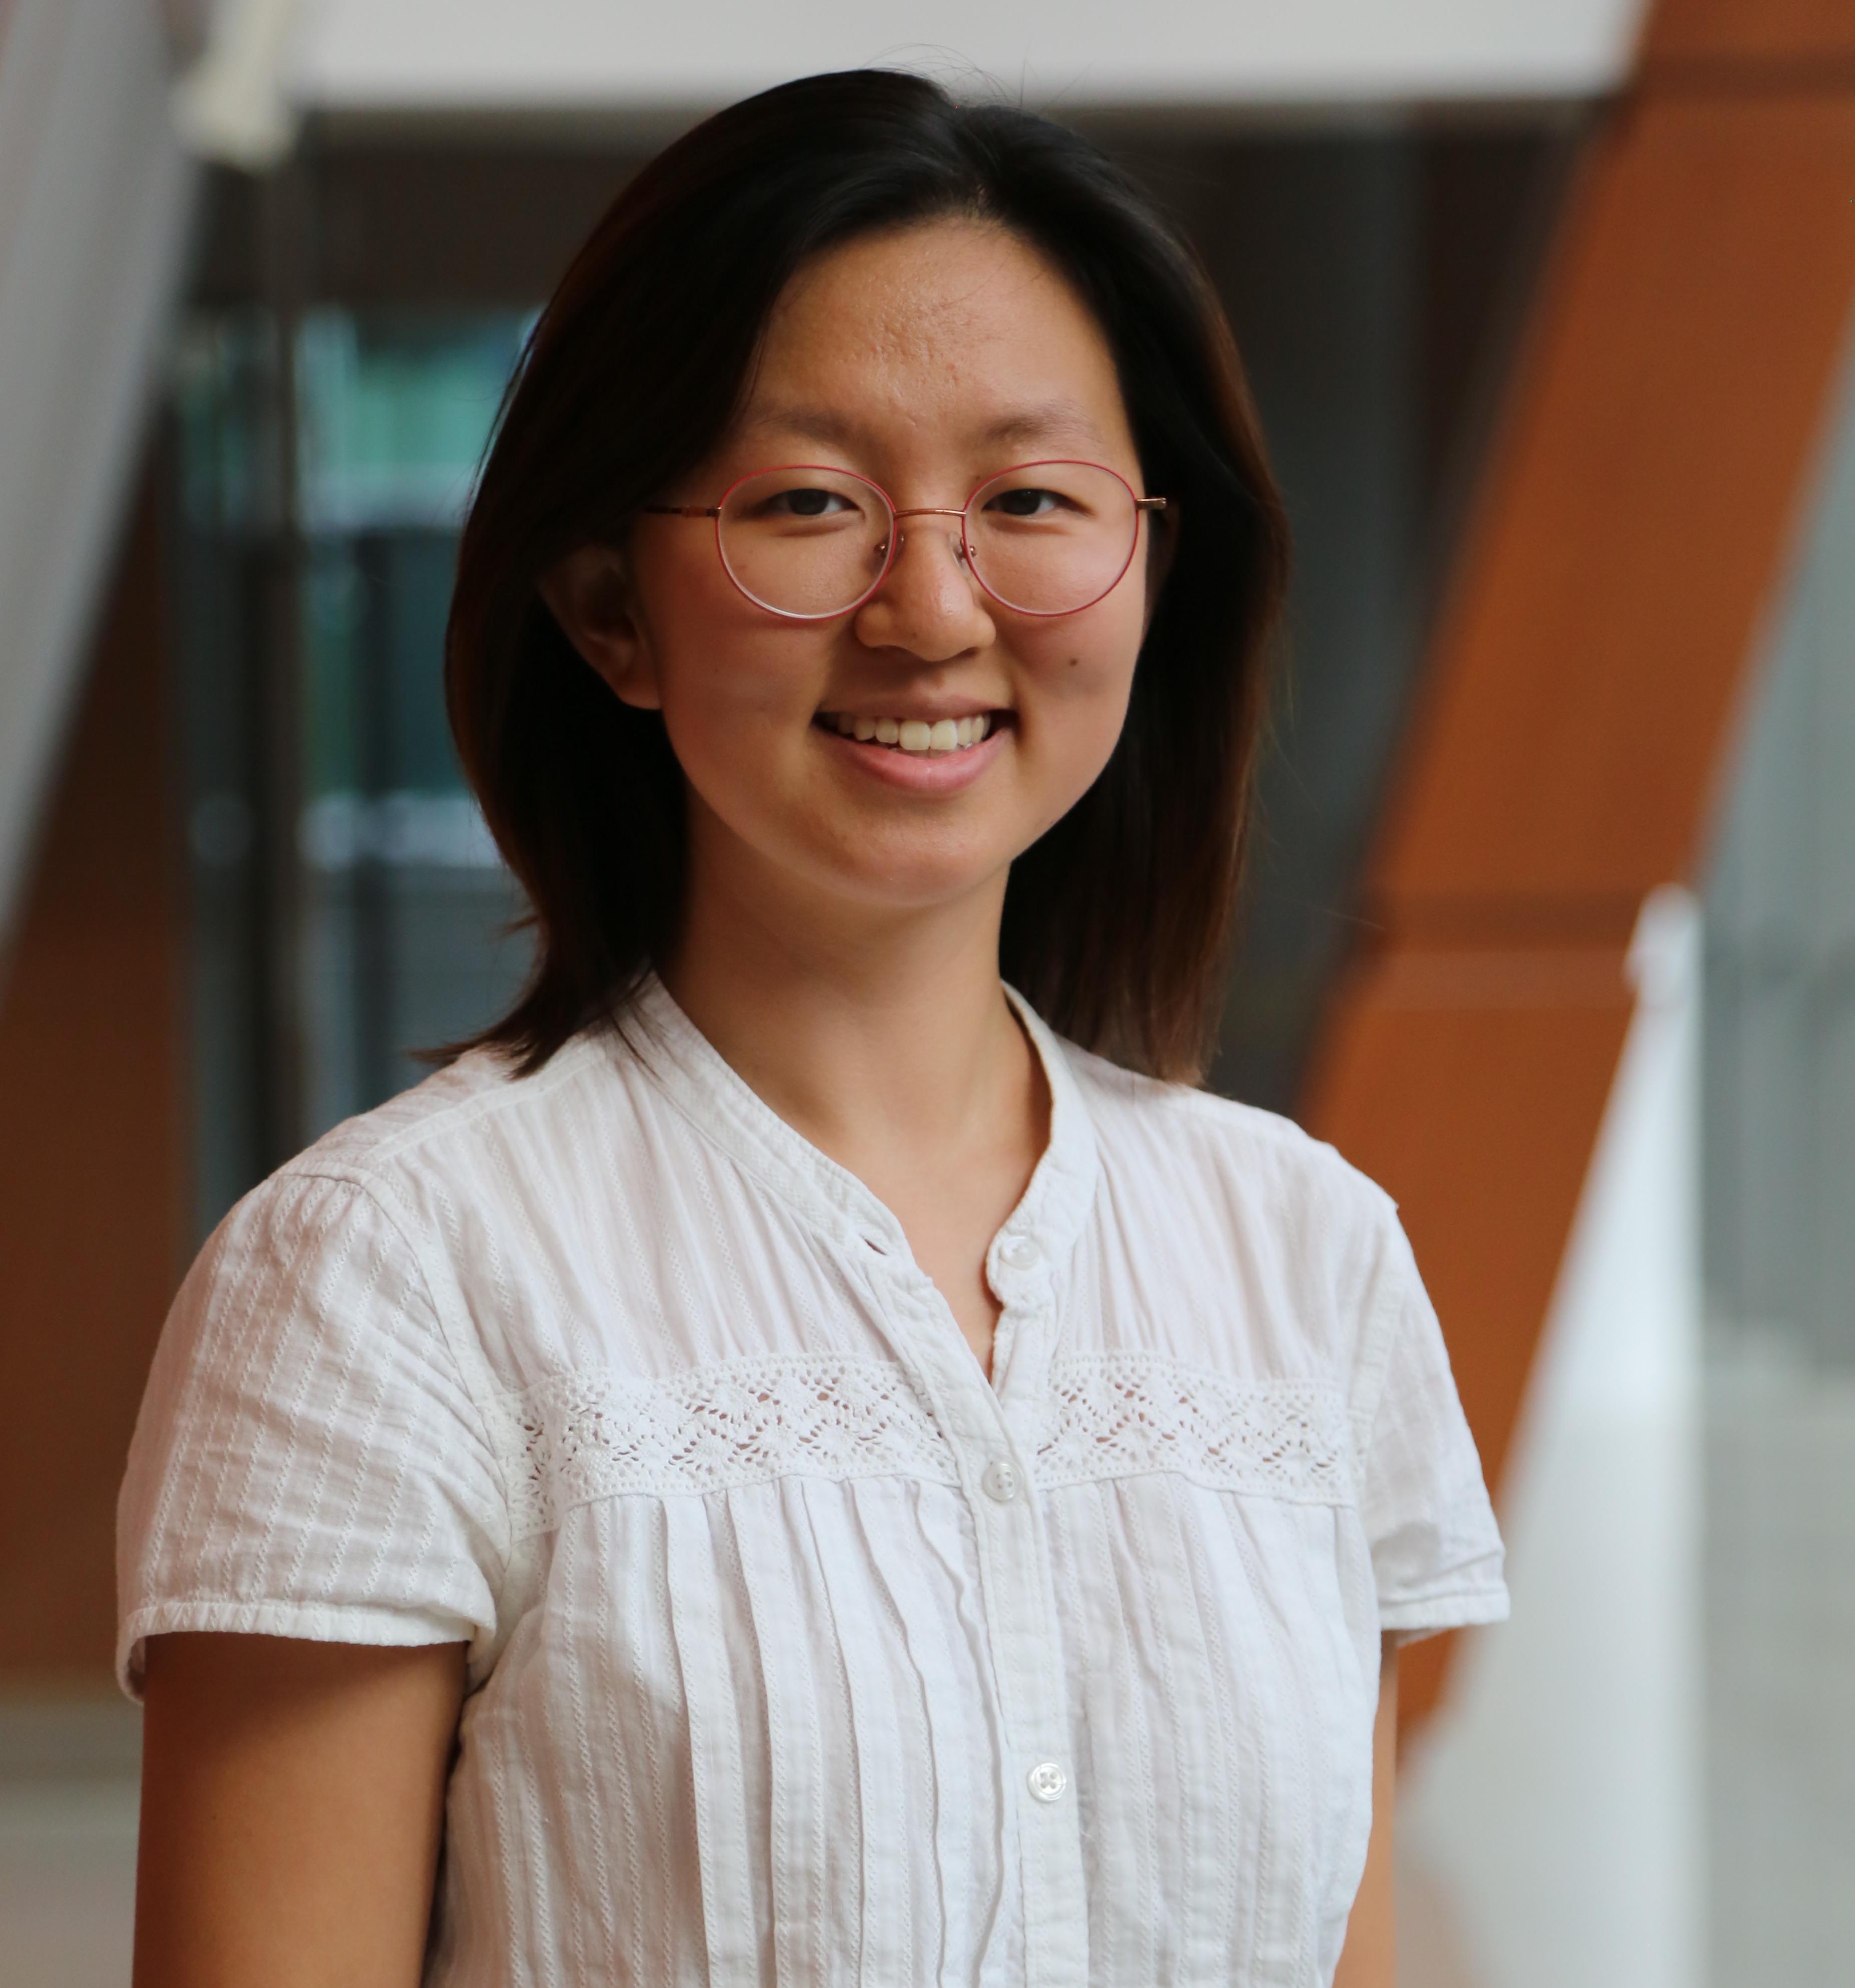 Zixia Liu